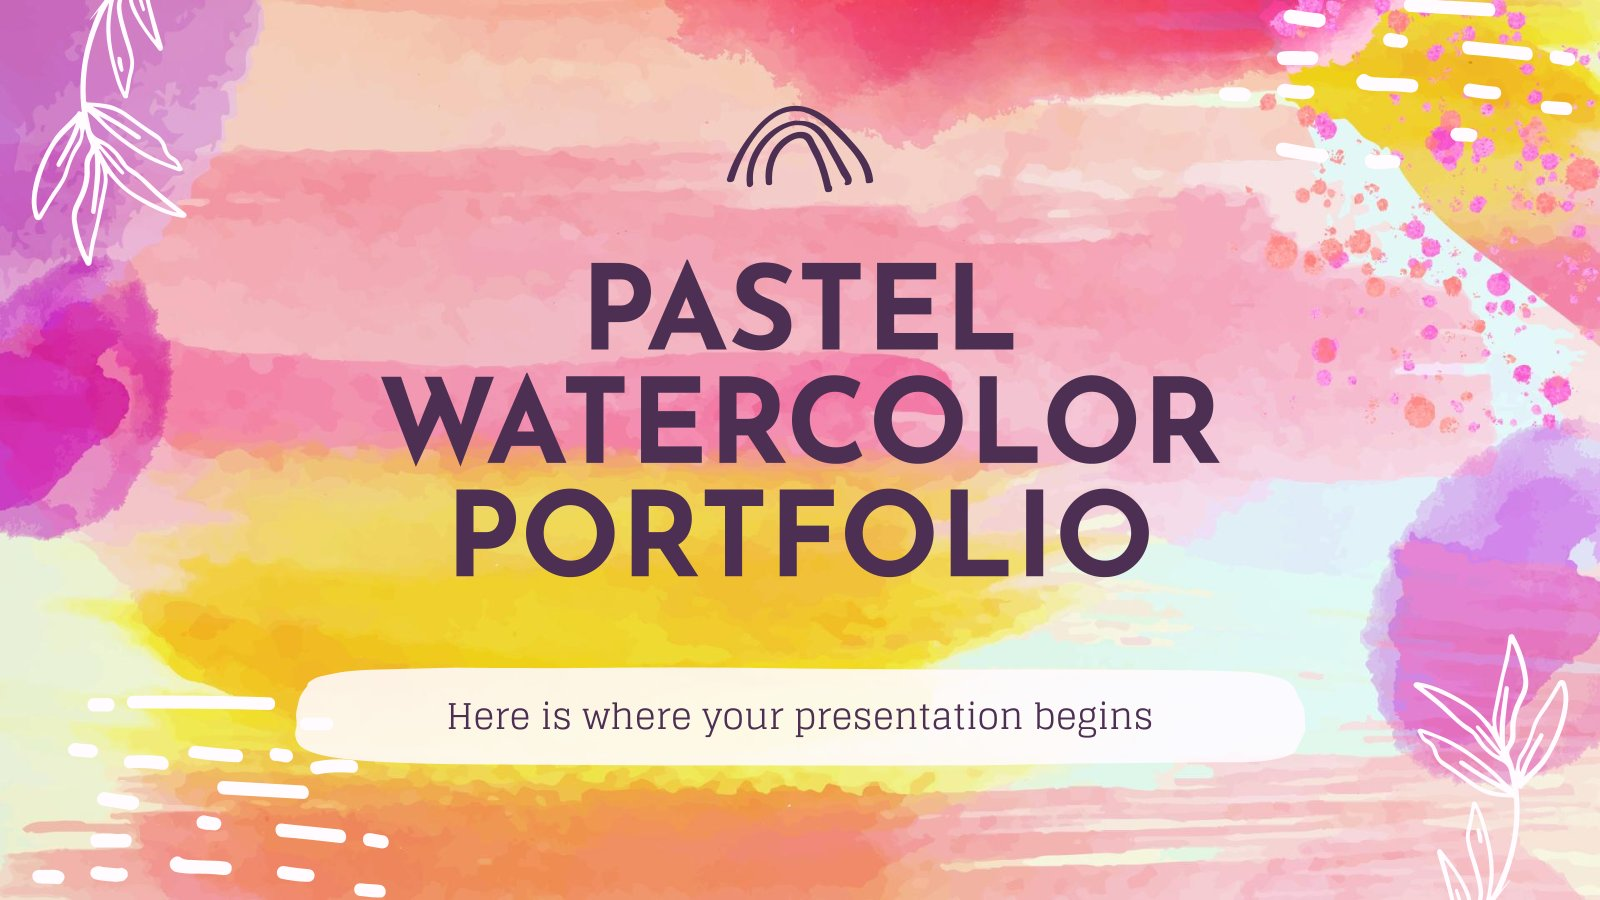 Modelo de apresentação Portfólio pastel em aquarela